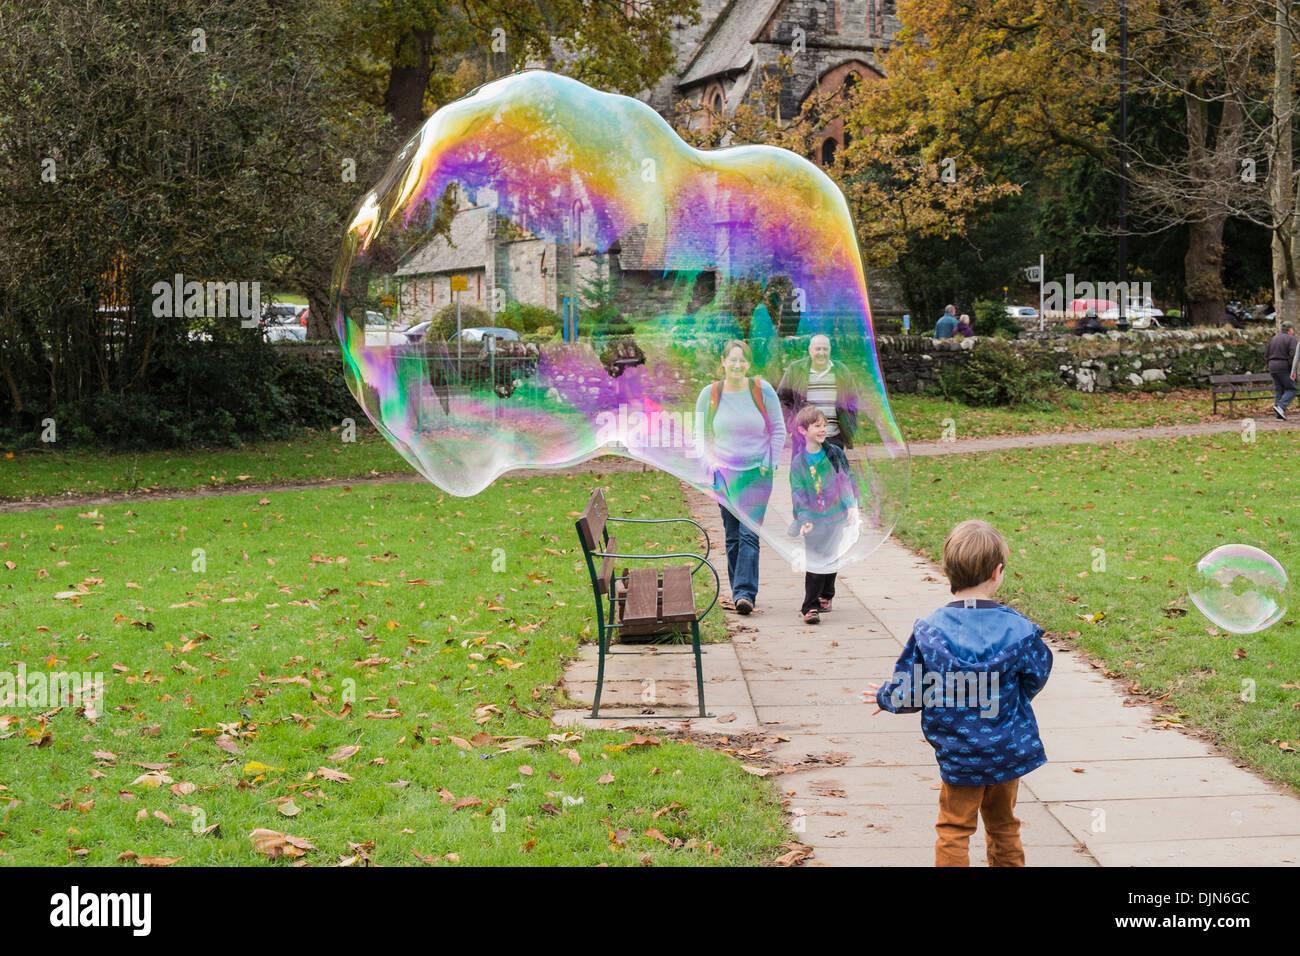 Un jeune garçon s'amuse avec une bulle de savon géante montrant les couleurs arc-en-ciel et les gens sourire à Betws-Y-coed, Conwy, au nord du Pays de Galles, Royaume-Uni Photo Stock